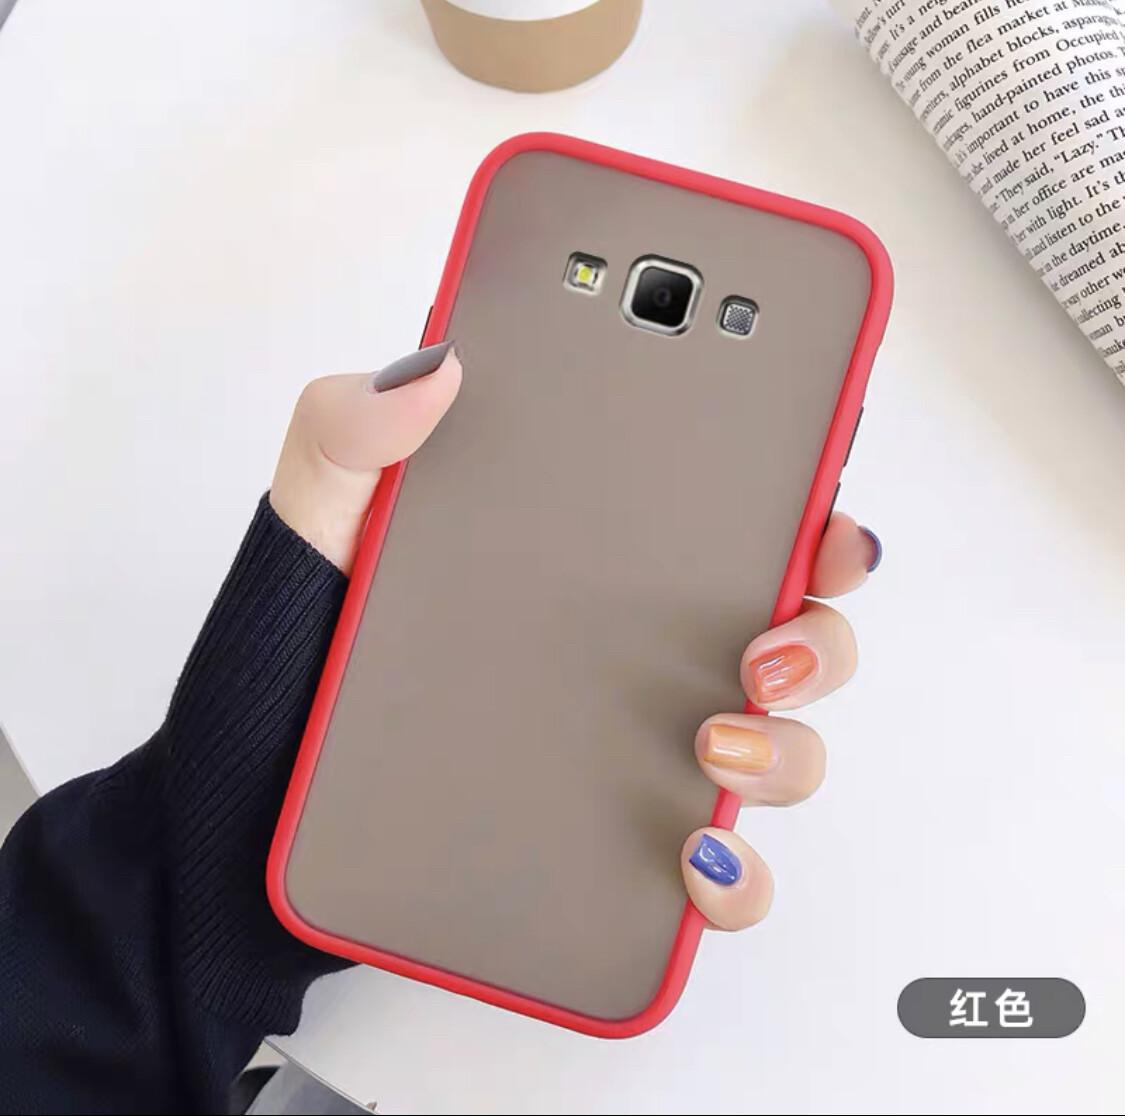 [ส่งจากไทย] เคสโทรศัพท์ซัมซุง Case Samsung galaxy J2Prime เคสกันกระแทก ปุ่มสีผิวด้าน ขอบนิ่มหลังแข็ง